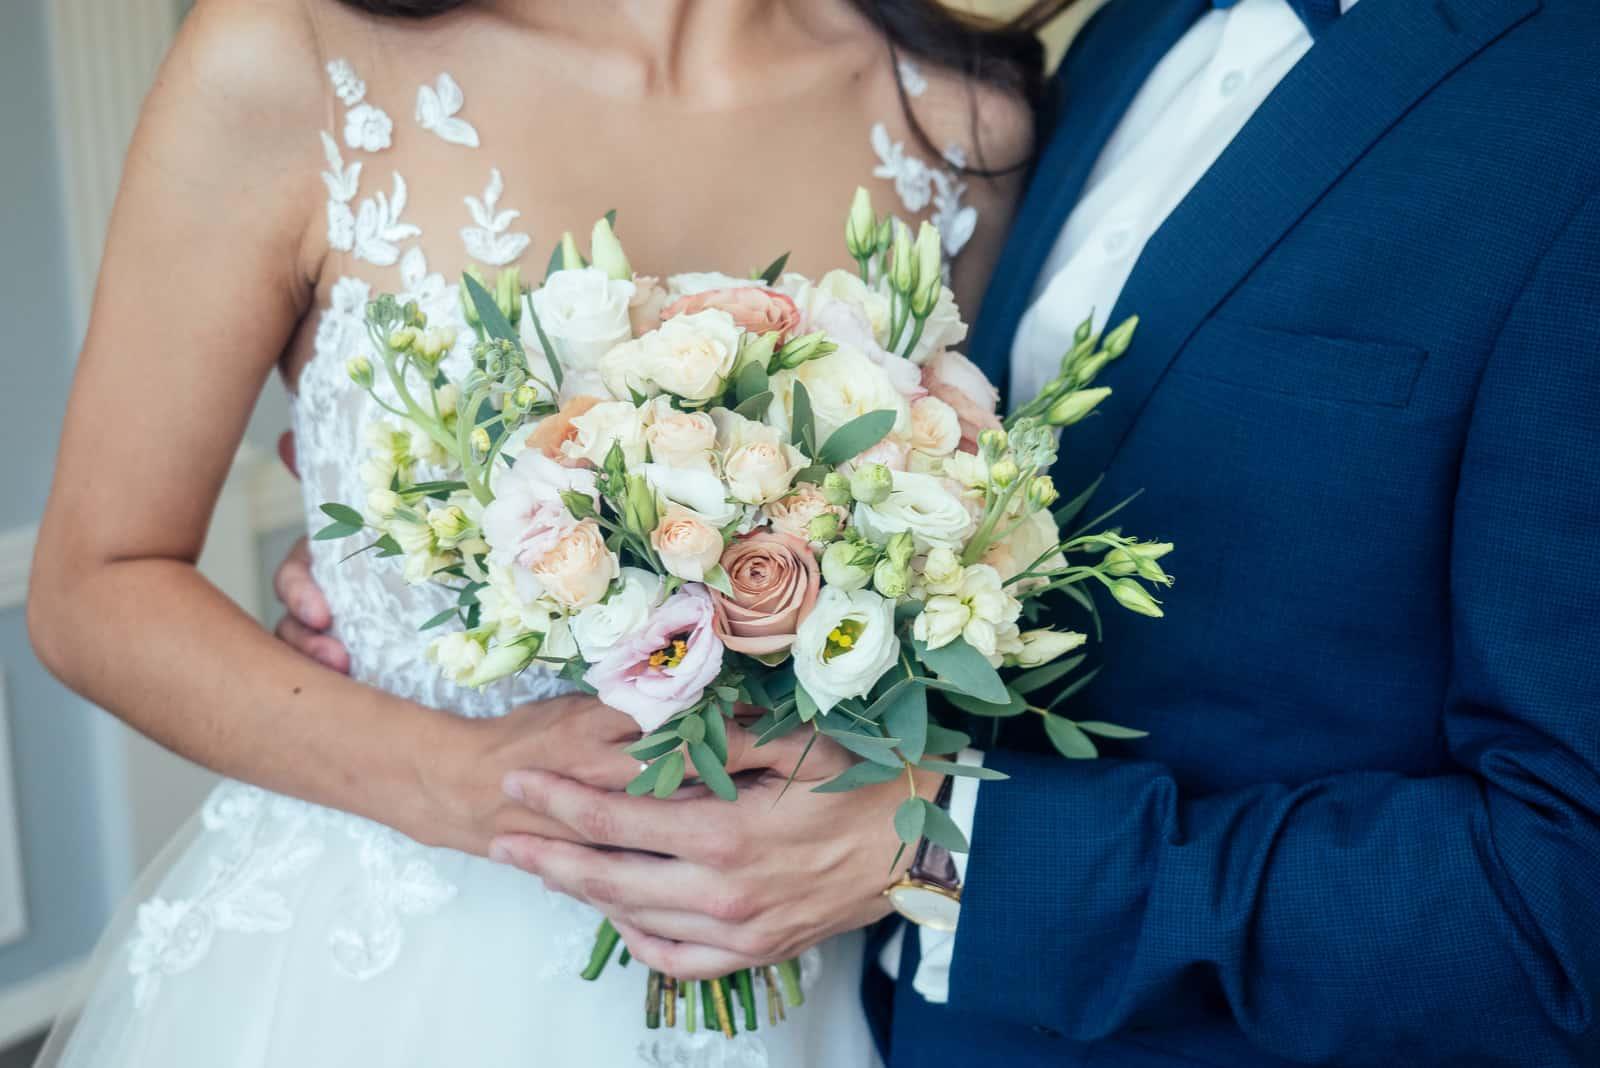 Das Brautpaar hält einen Blumenstrauß